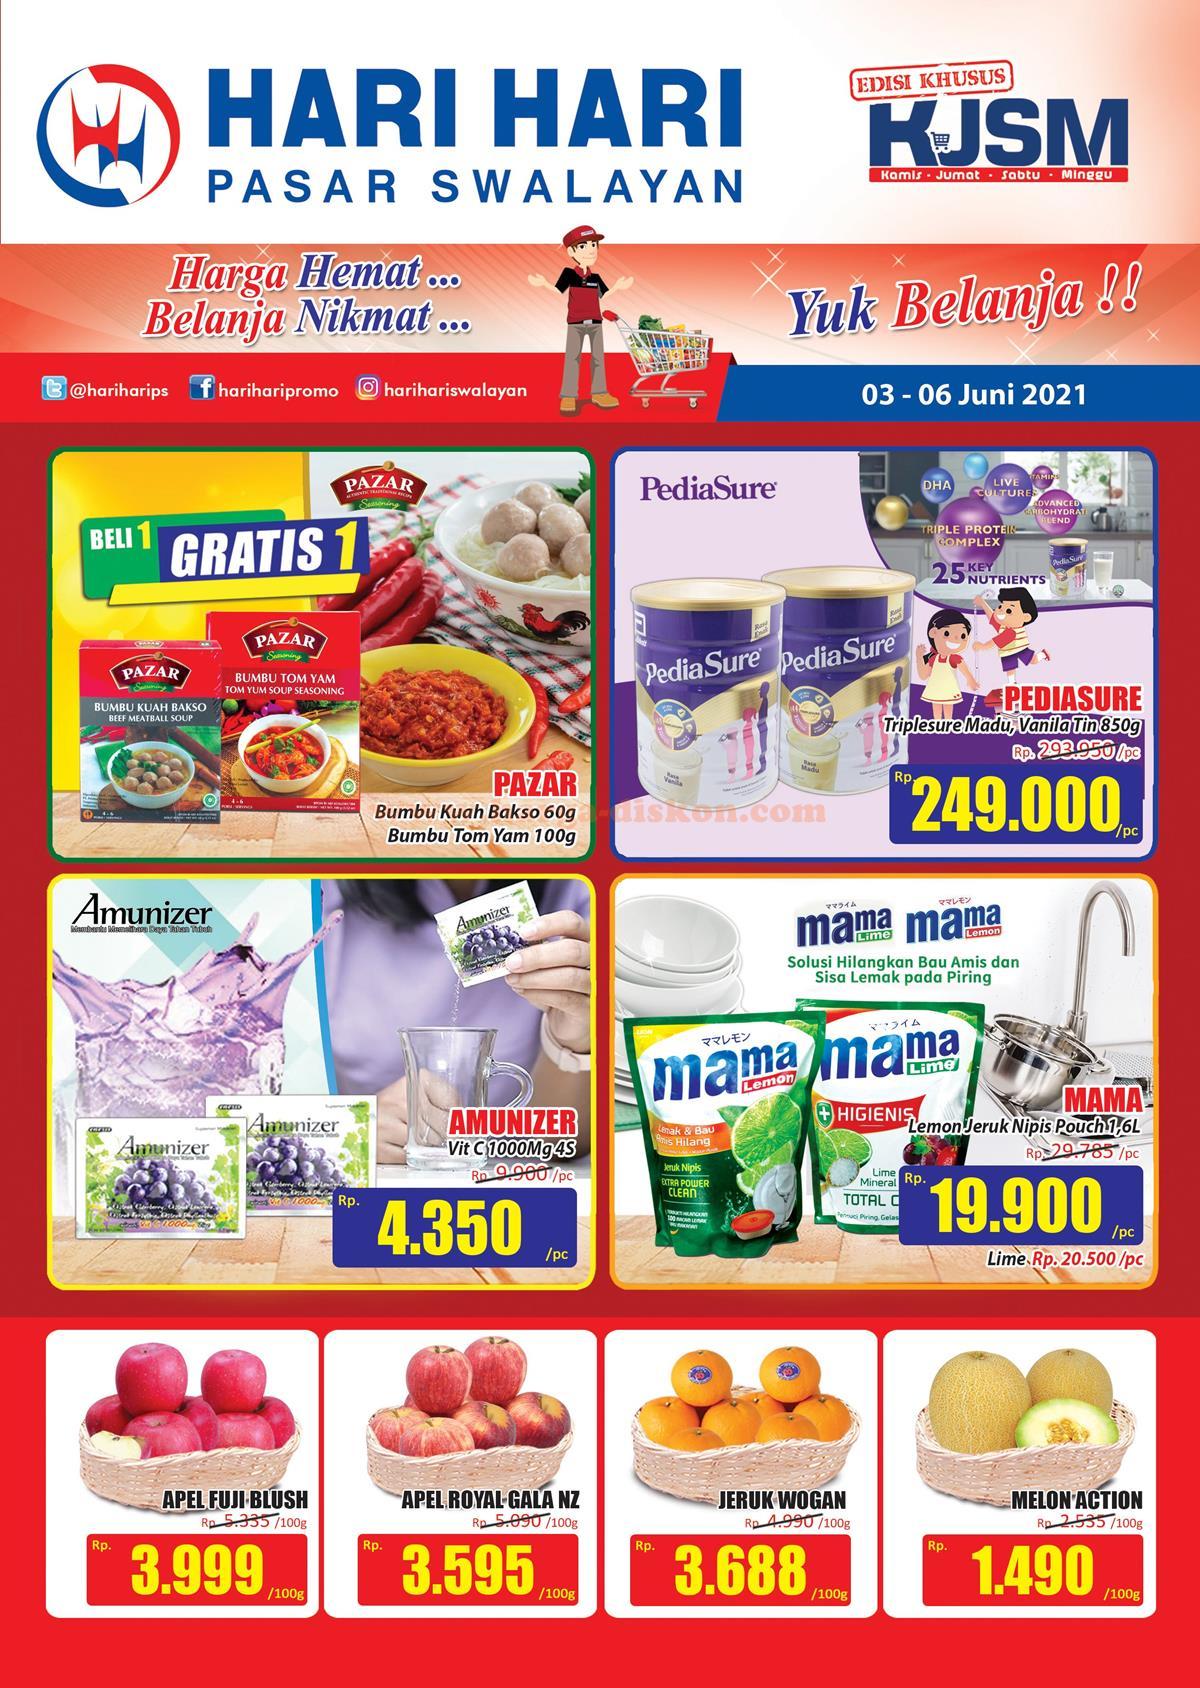 Promo HARI HARI Akhir Pekan Weekend Promo KJSM 03 - 06 Juni 2021